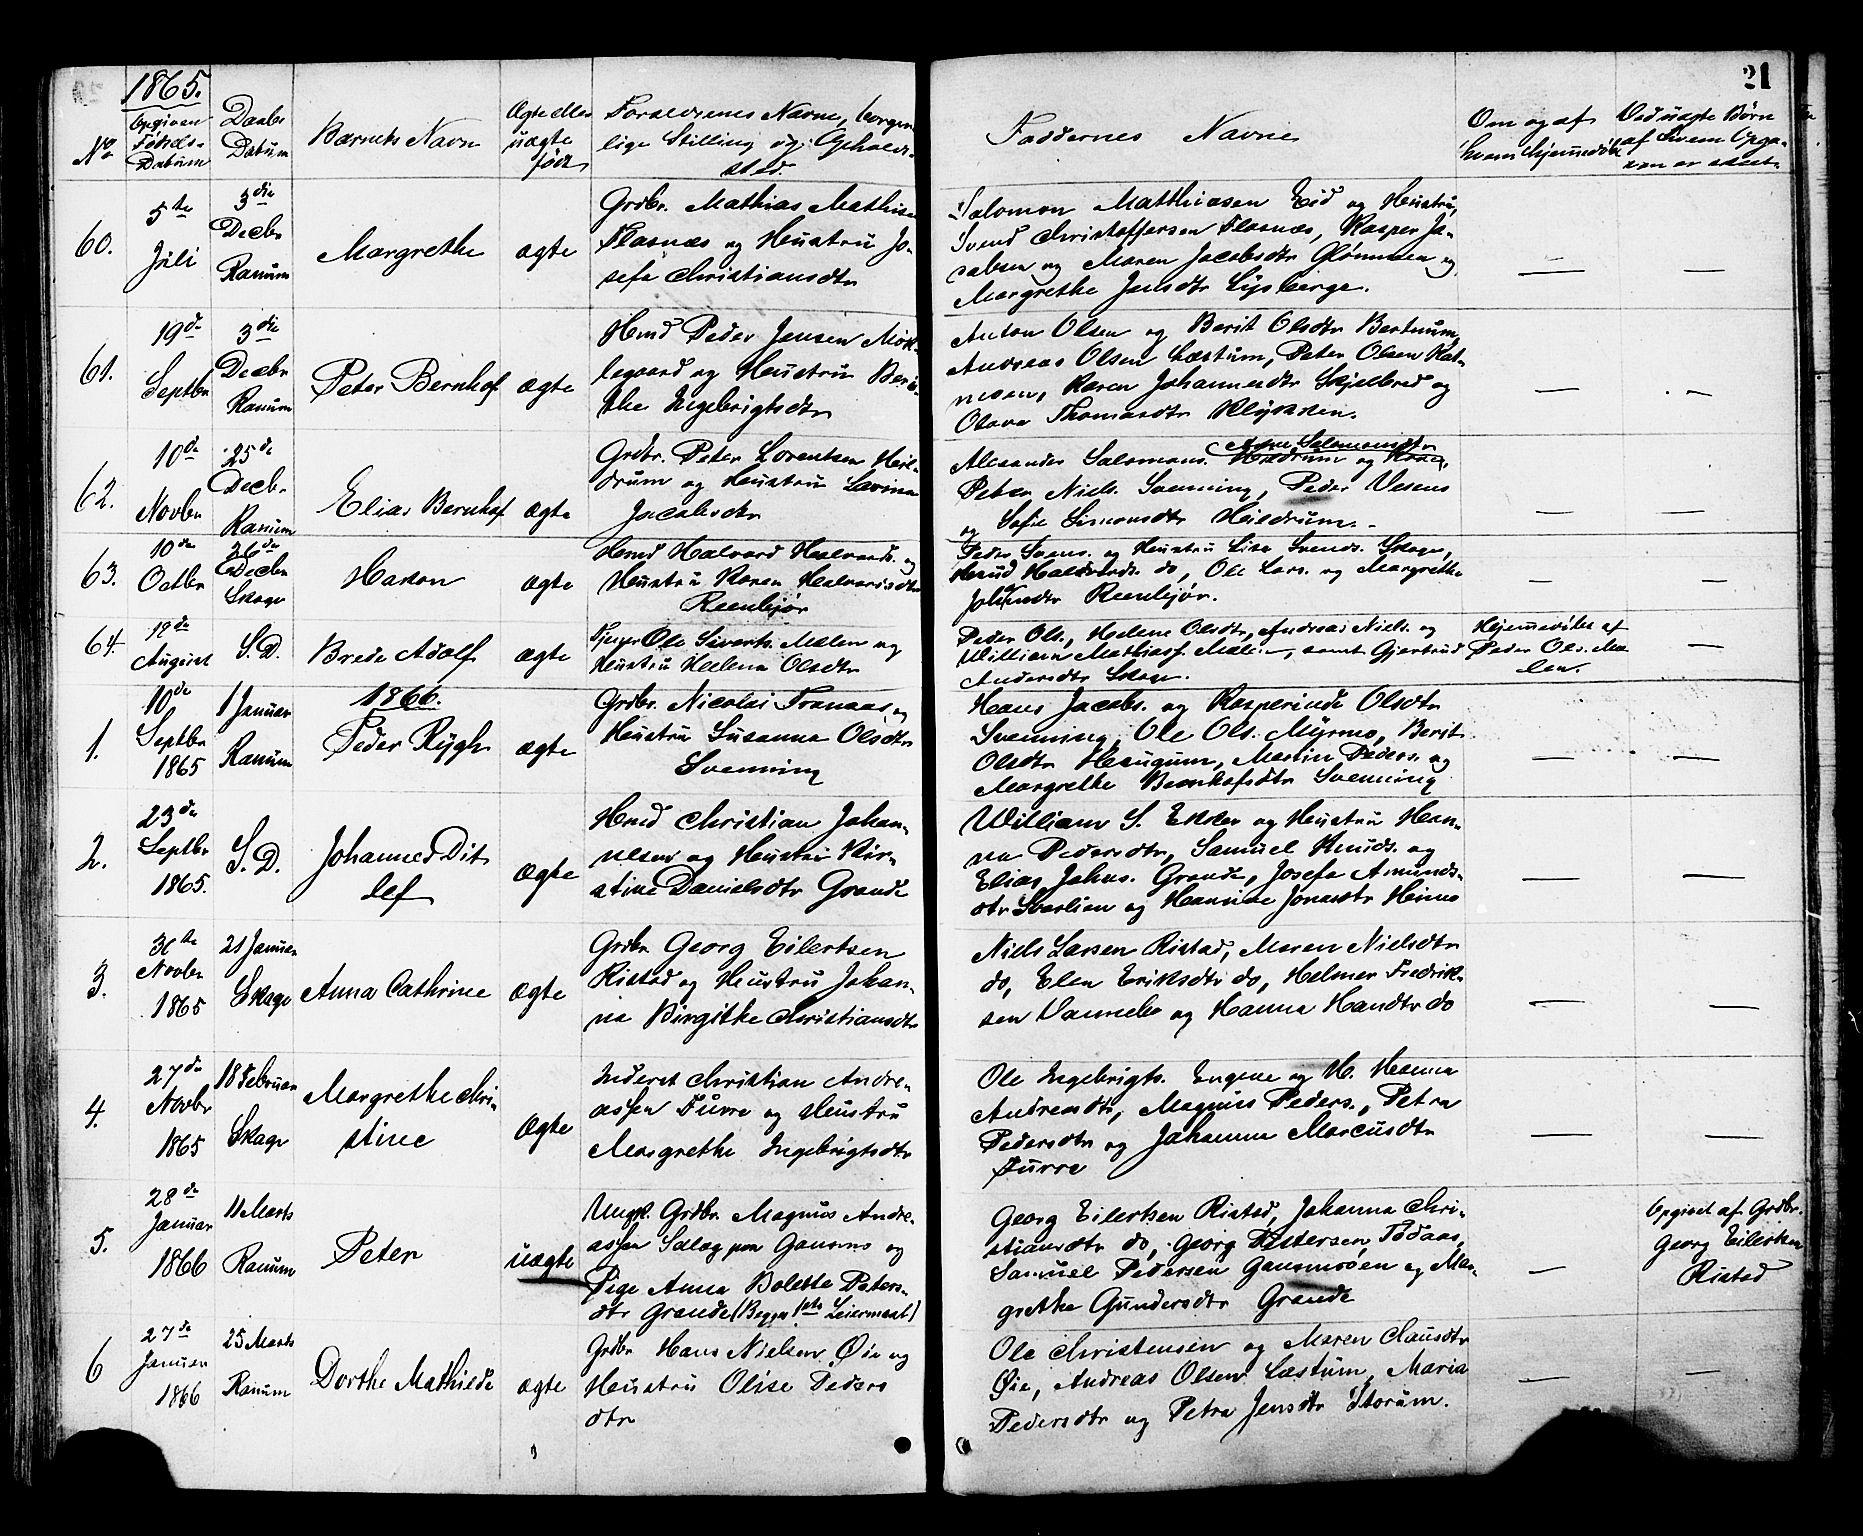 SAT, Ministerialprotokoller, klokkerbøker og fødselsregistre - Nord-Trøndelag, 764/L0553: Ministerialbok nr. 764A08, 1858-1880, s. 21